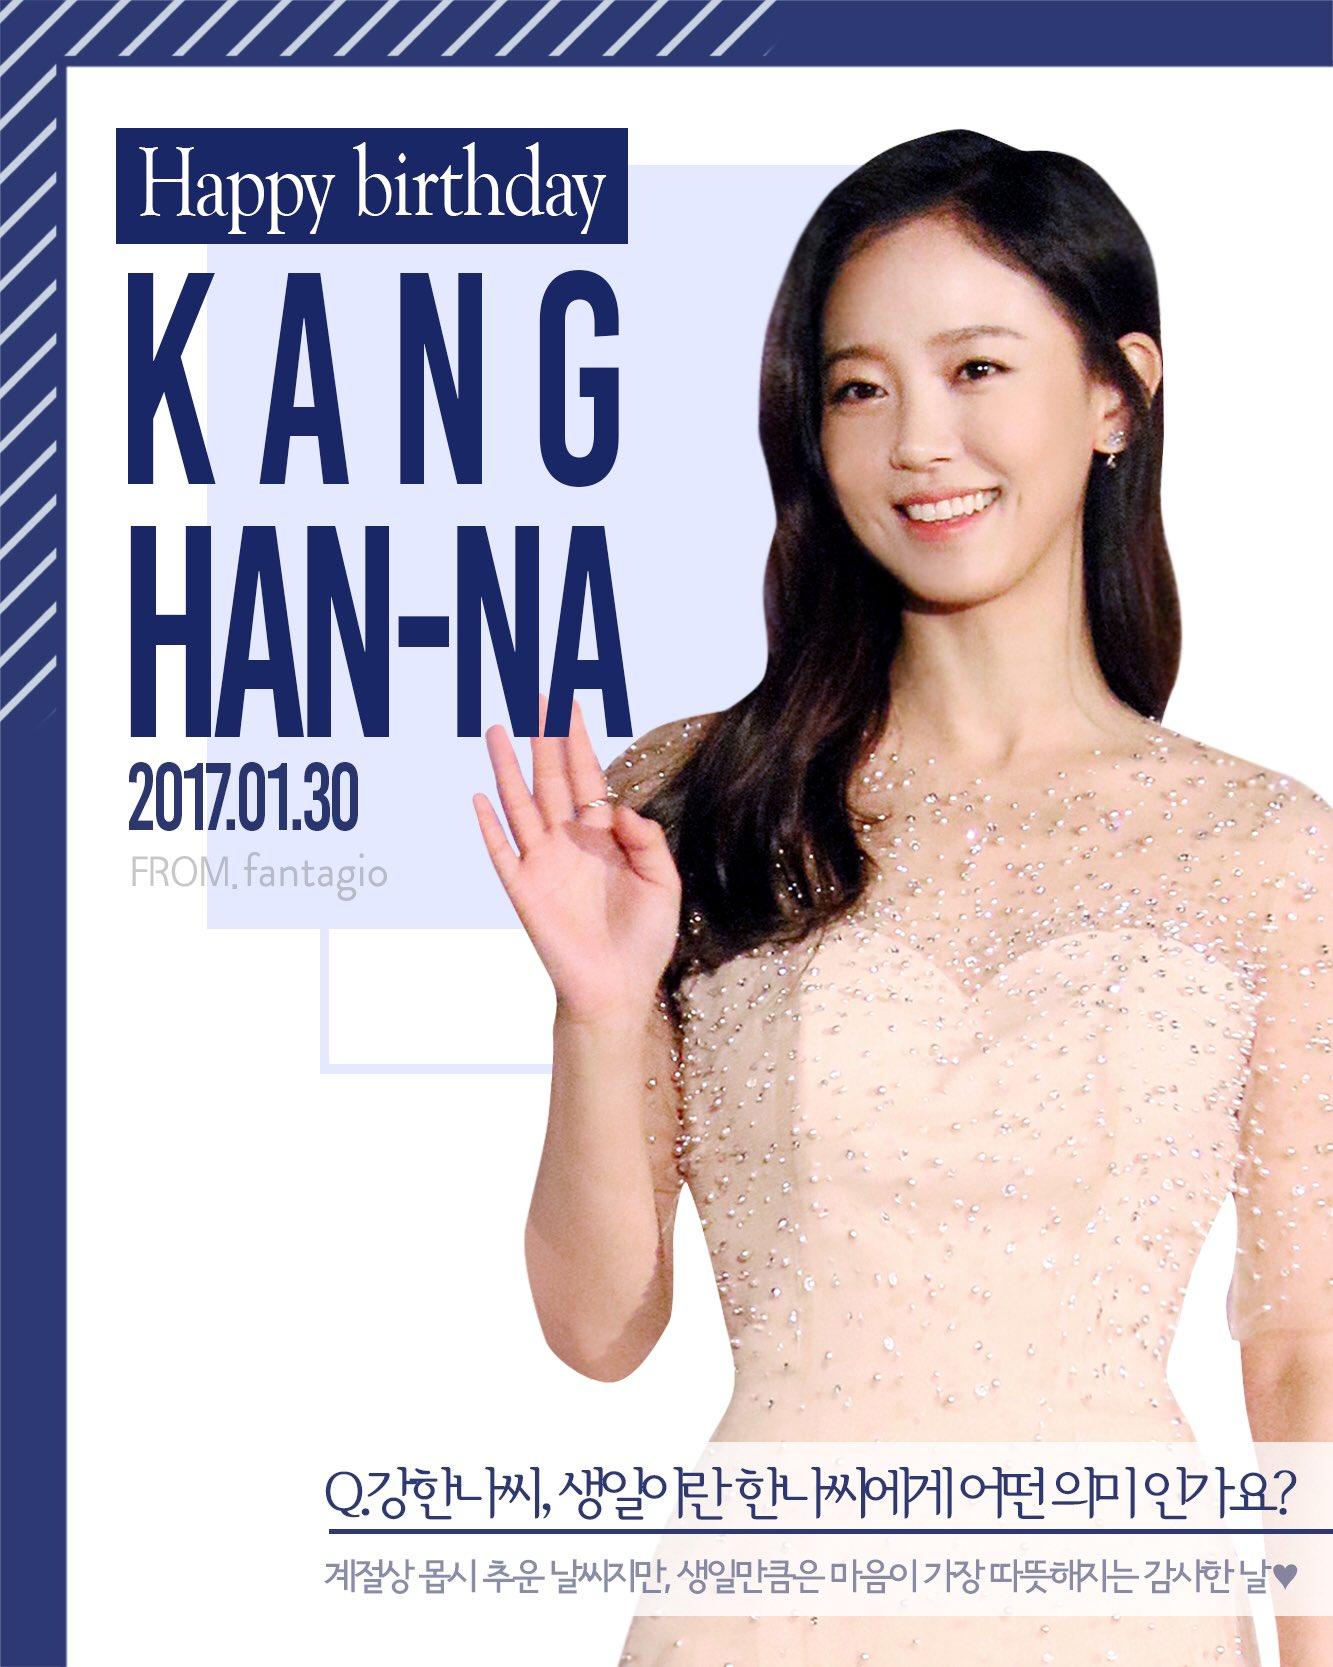 30일(월), 배우 강한나 생일 | 인스티즈